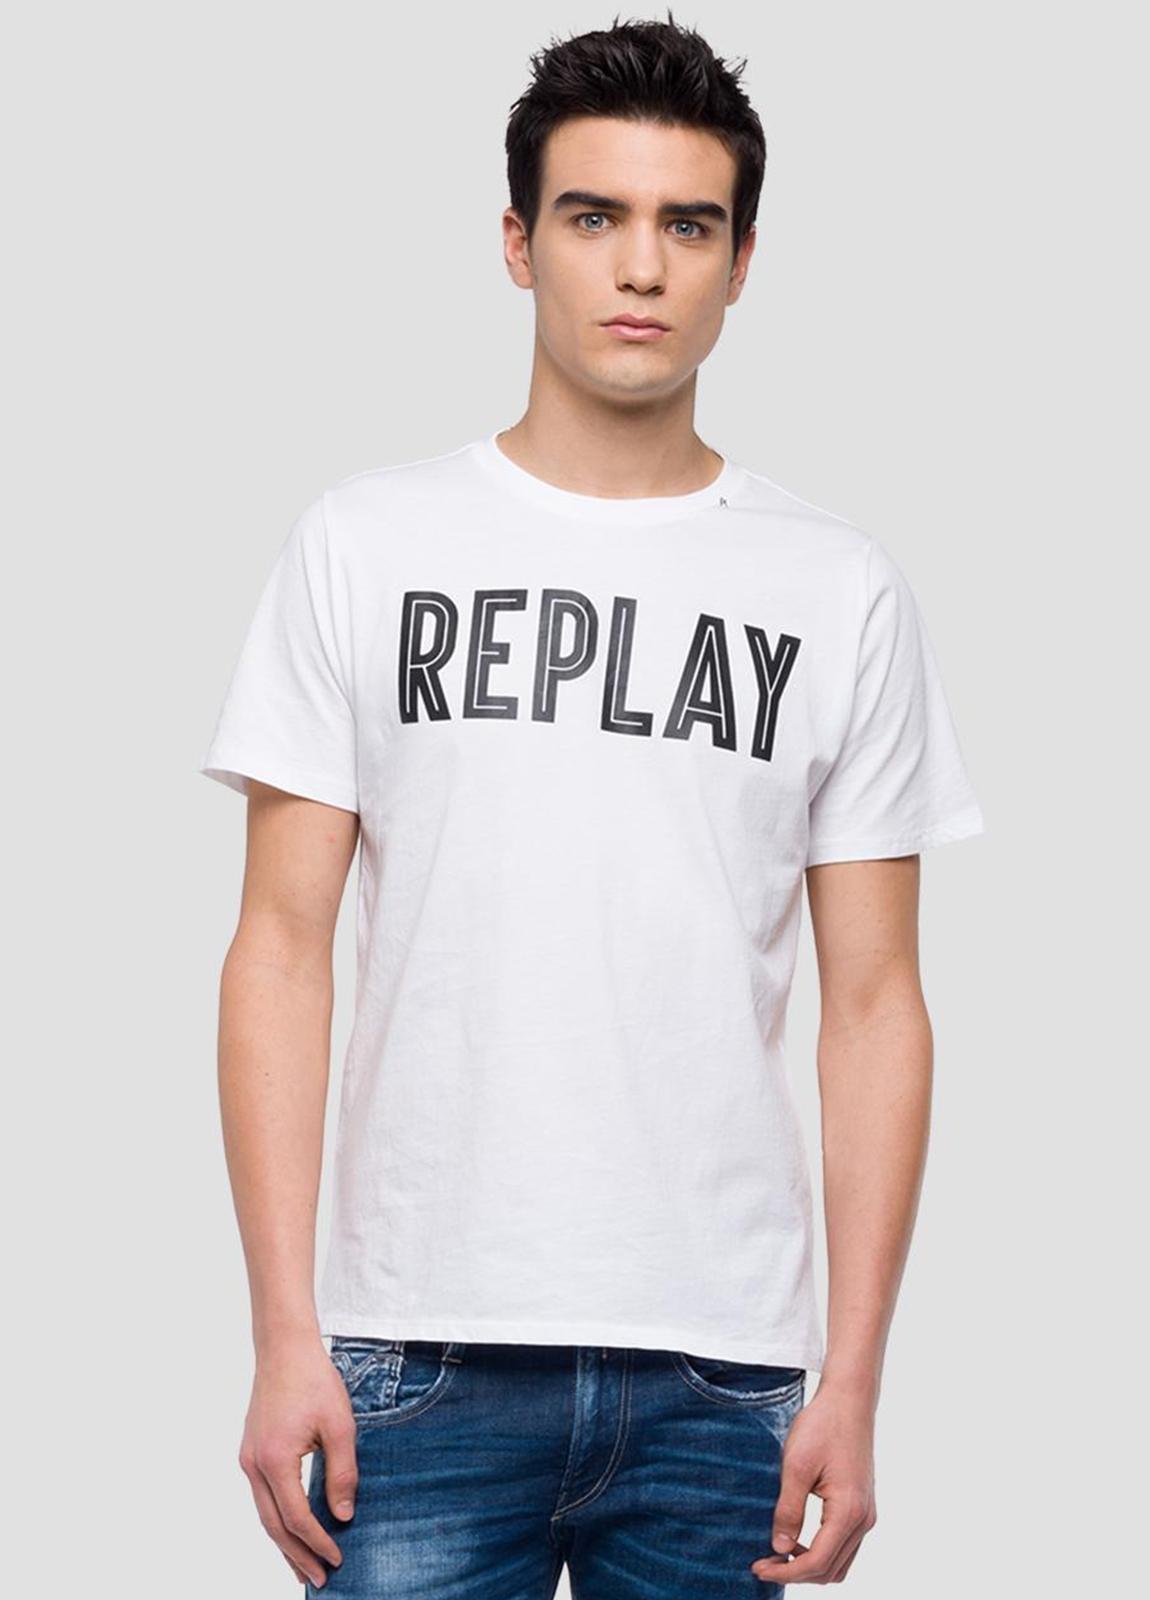 Camiseta manga corta color blanco con estampado Replay. 100% Algodón.